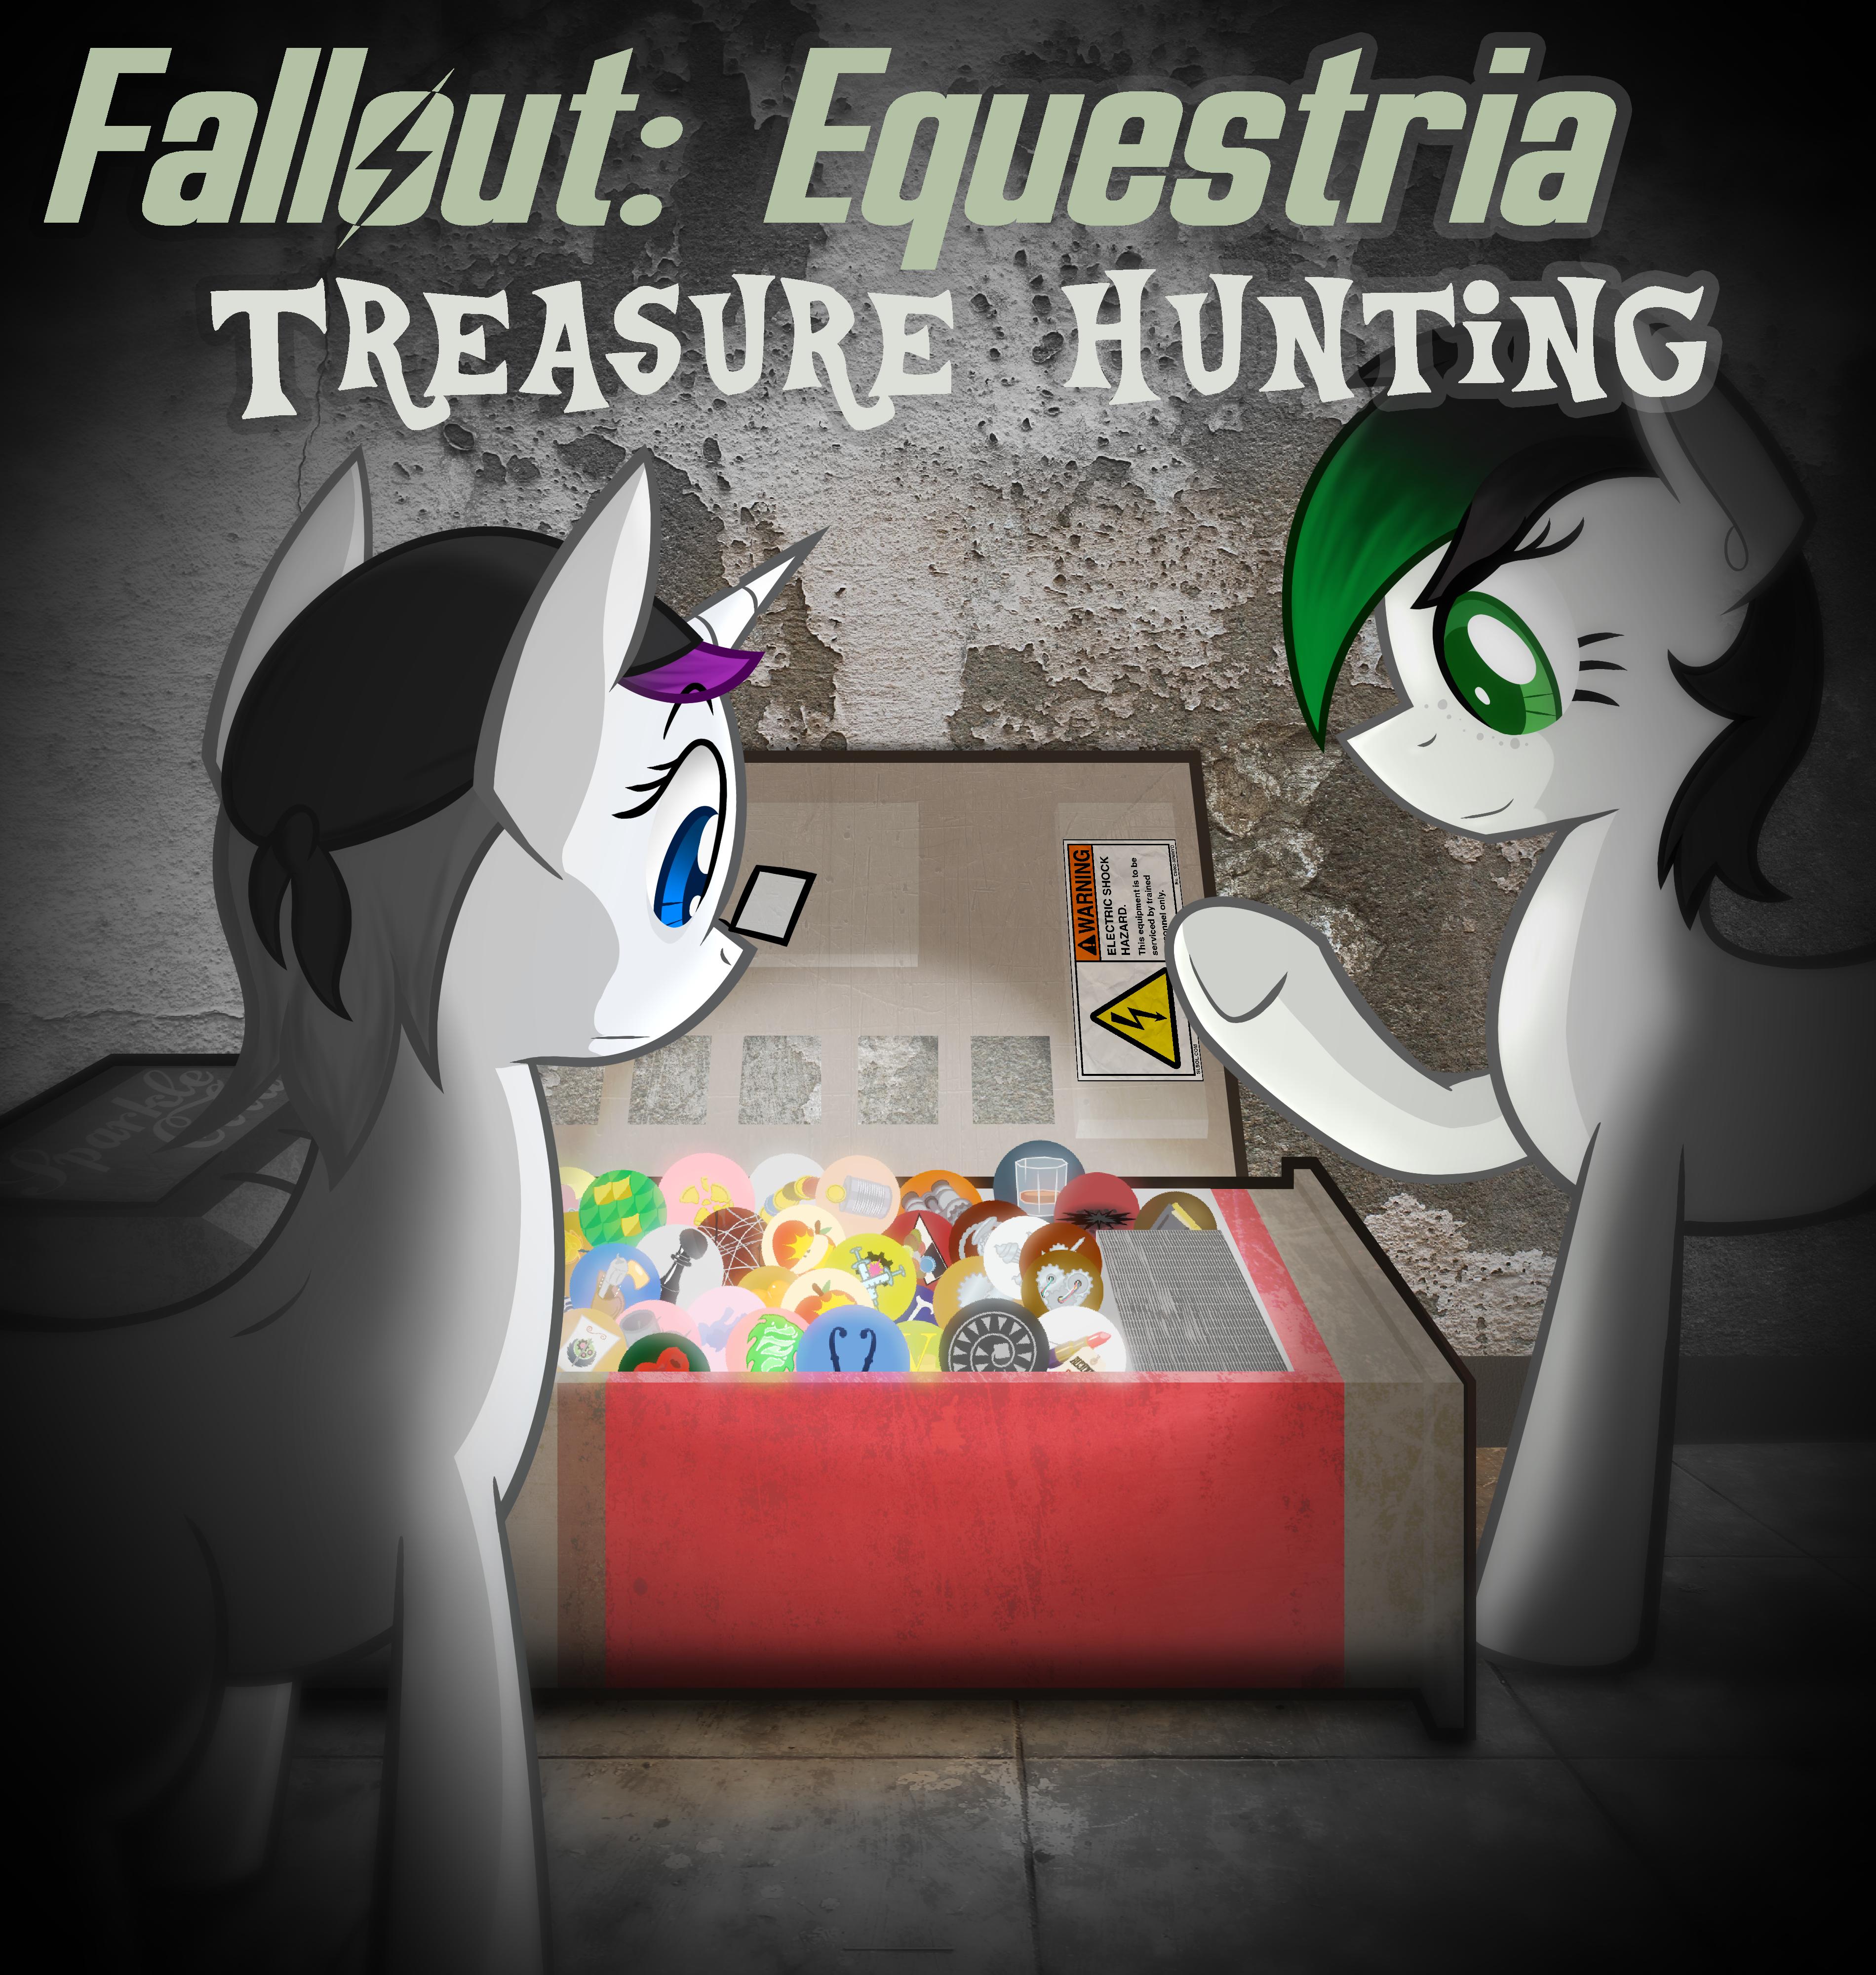 Fallout: Equestria - Treasure Hunting by Jordo76